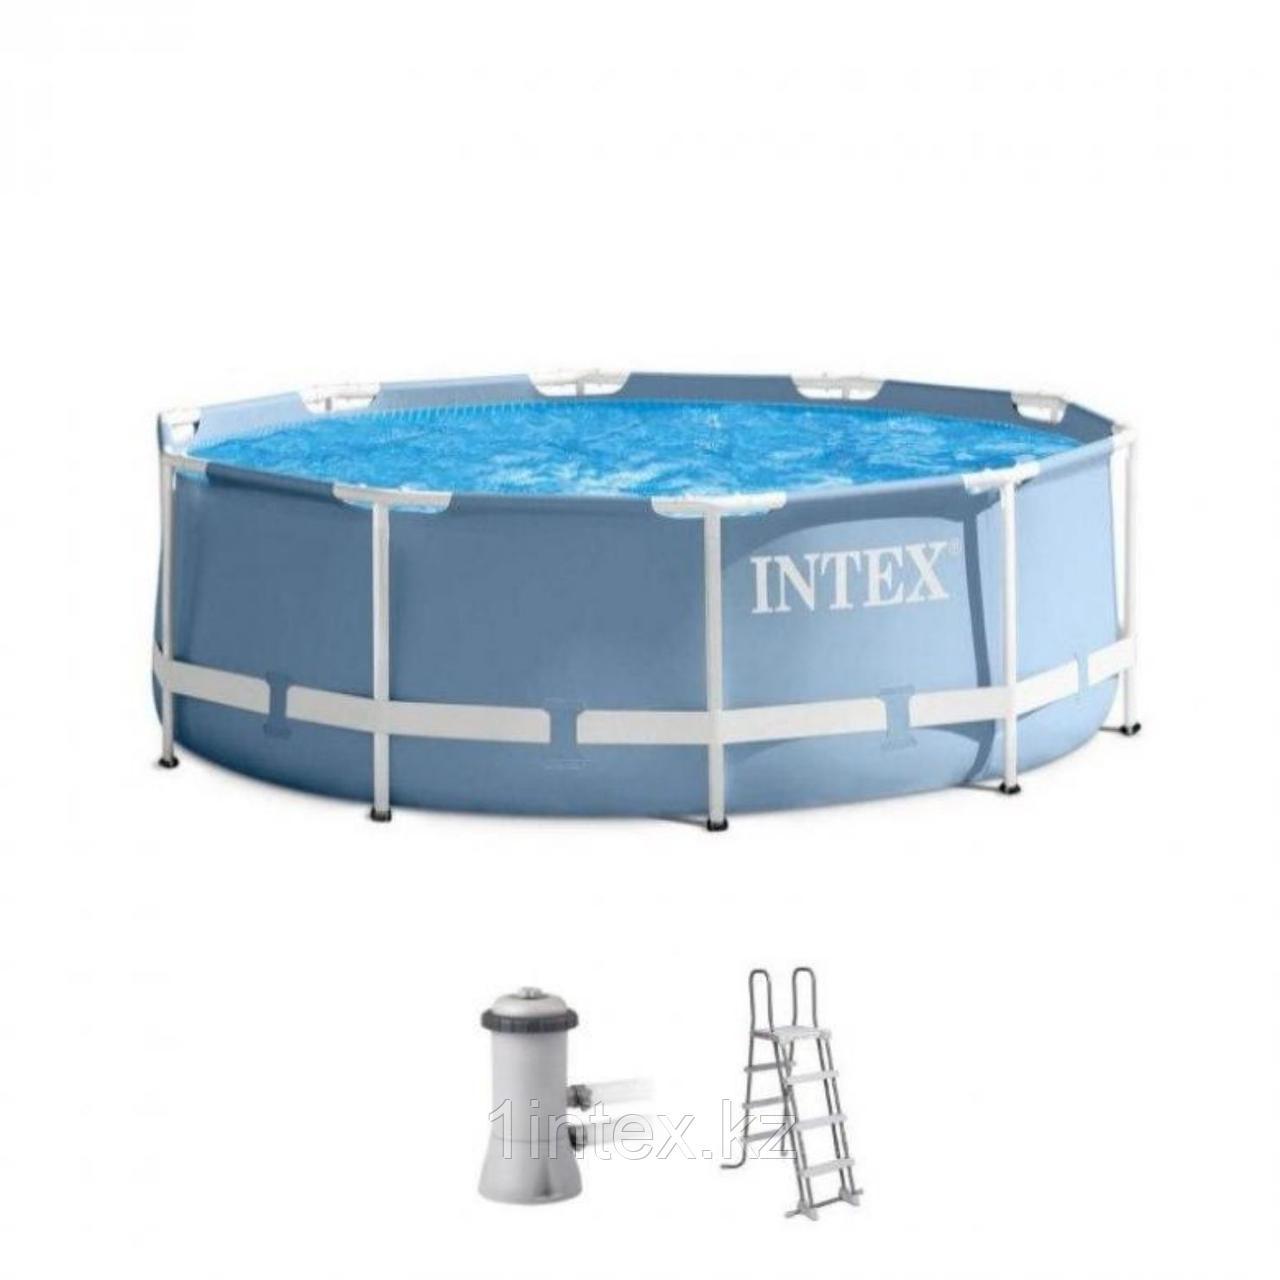 Каркасный бассейн Intex 26706 305 x 99 см (фильтр+насос+лестница)